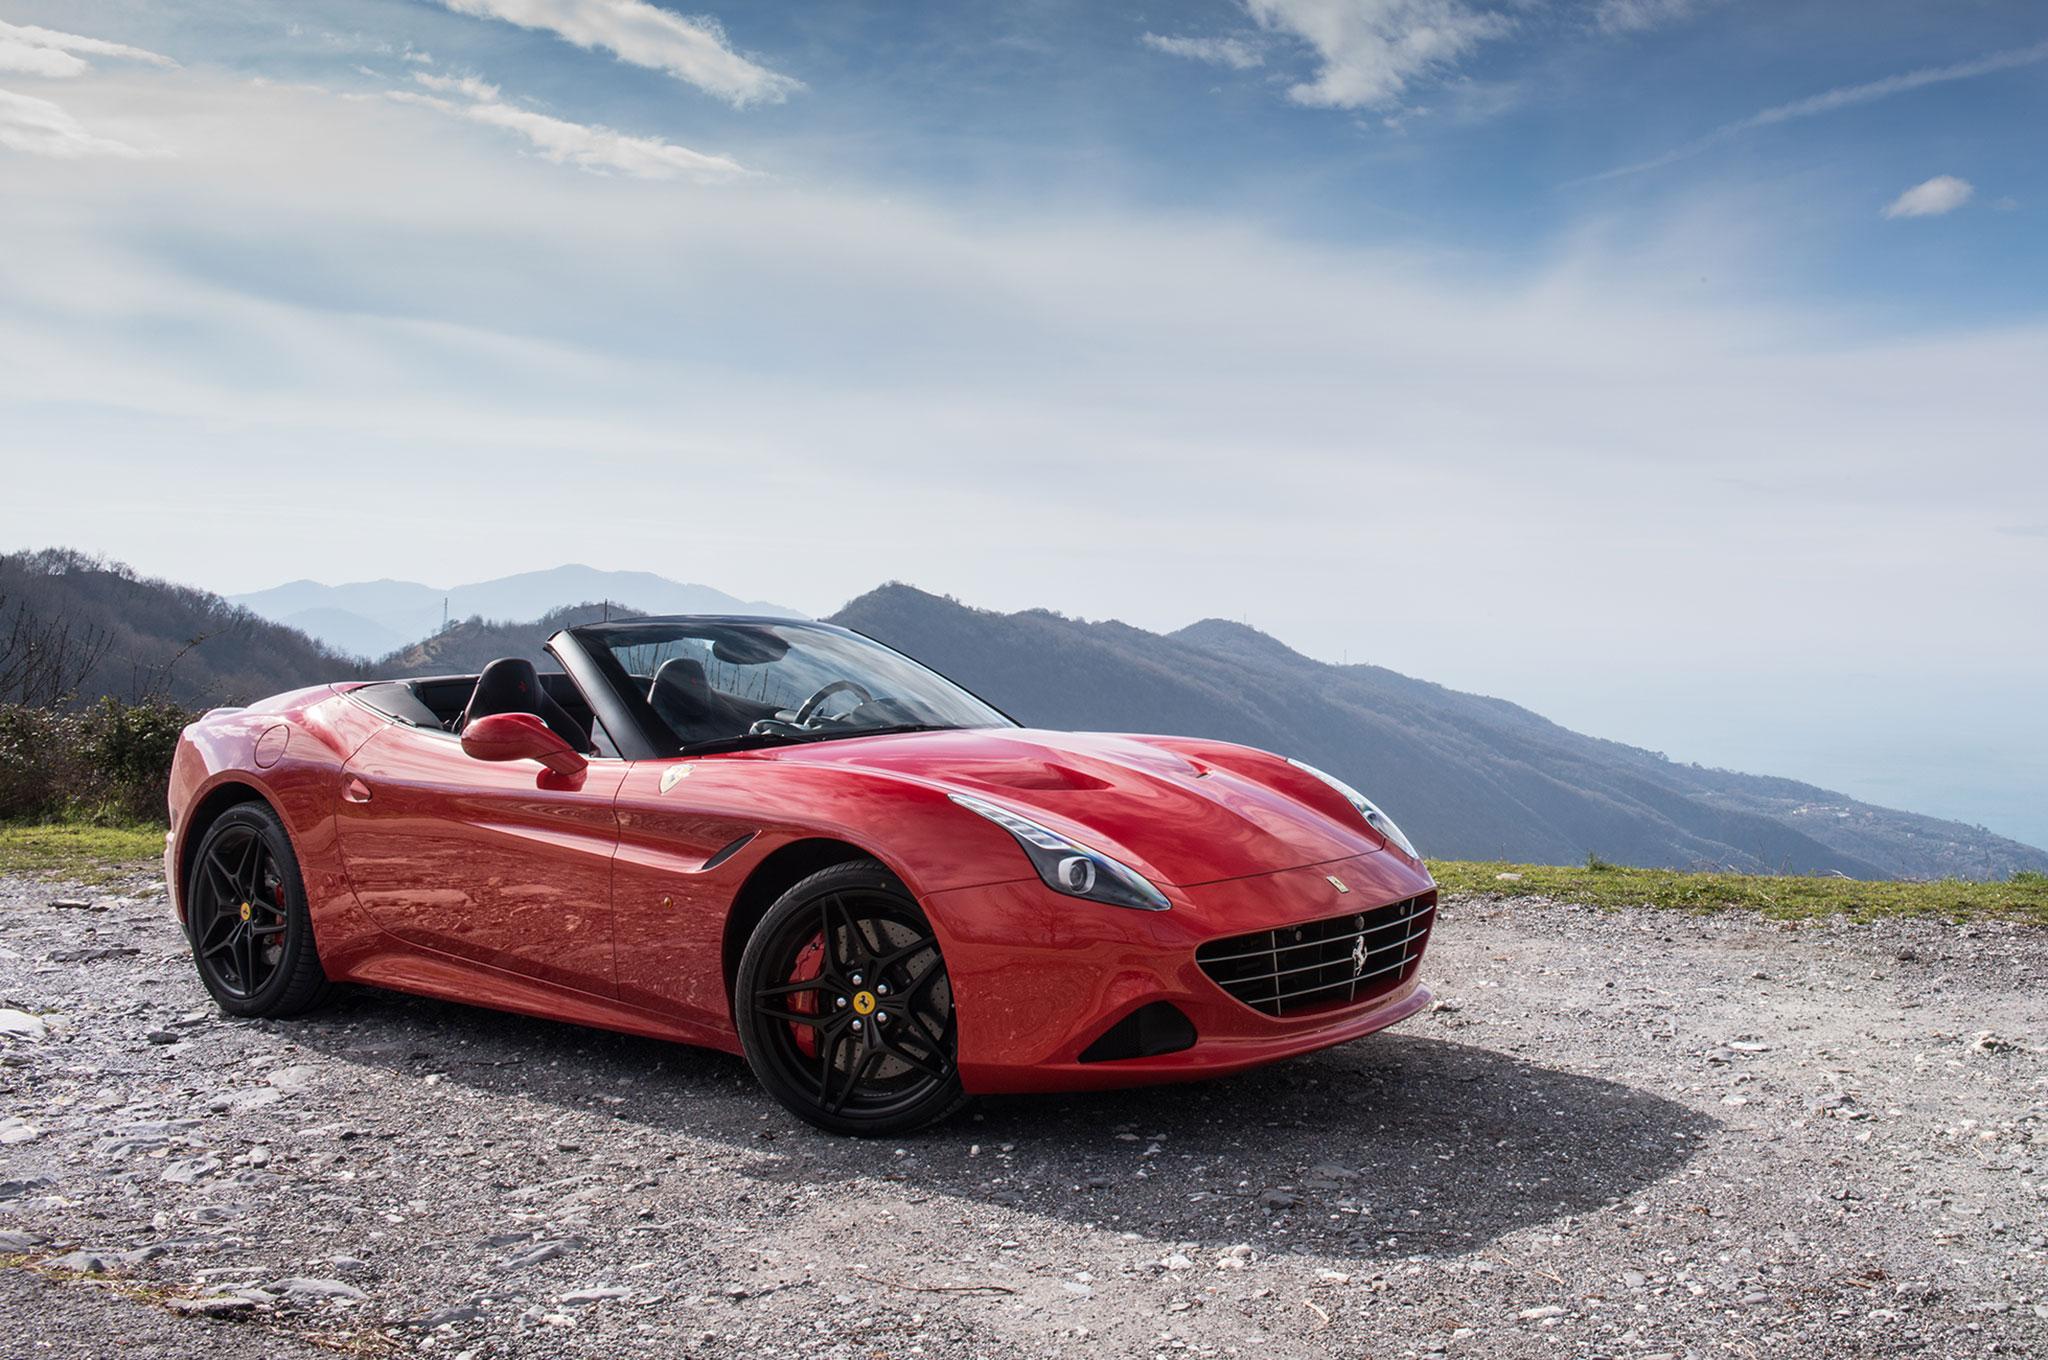 2017-Ferrari-California-T-Handling-Speciale-front-three-quarter-02.jpg